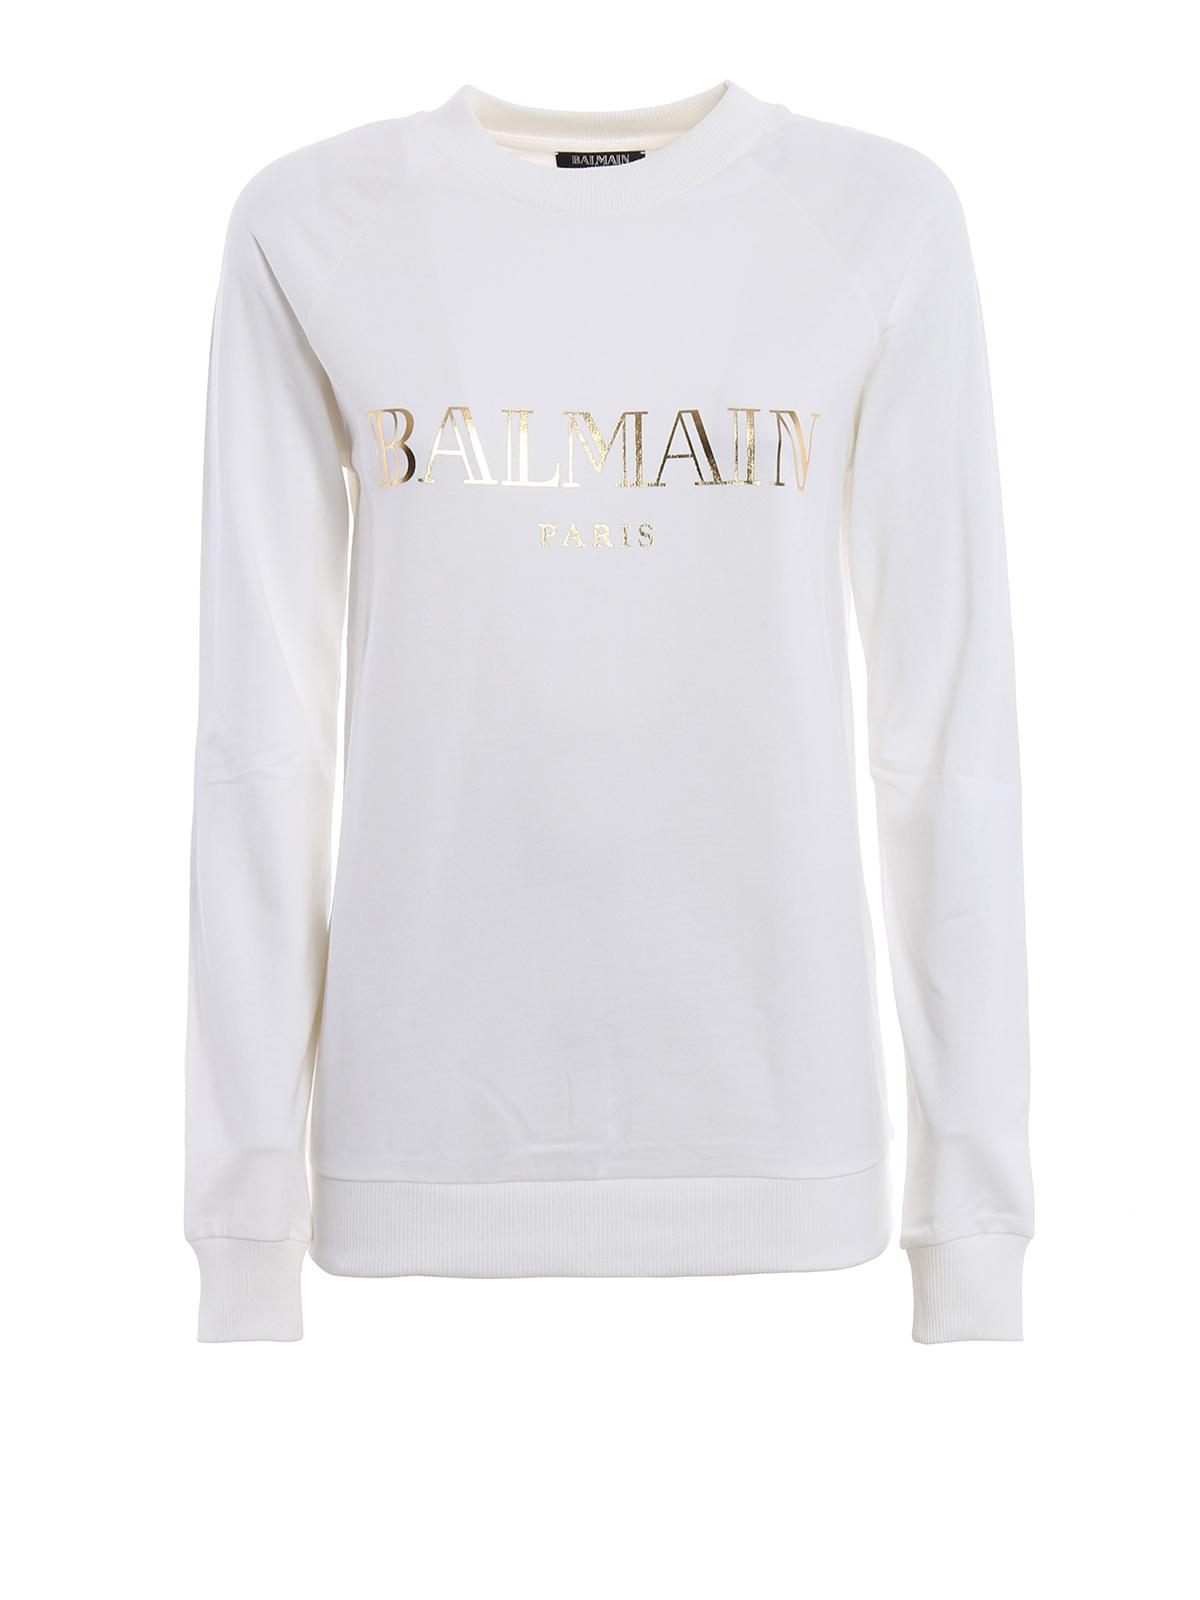 Und Weiß Sweatshirt Balmain Sweatshirts Pullover SUzVGqpLM